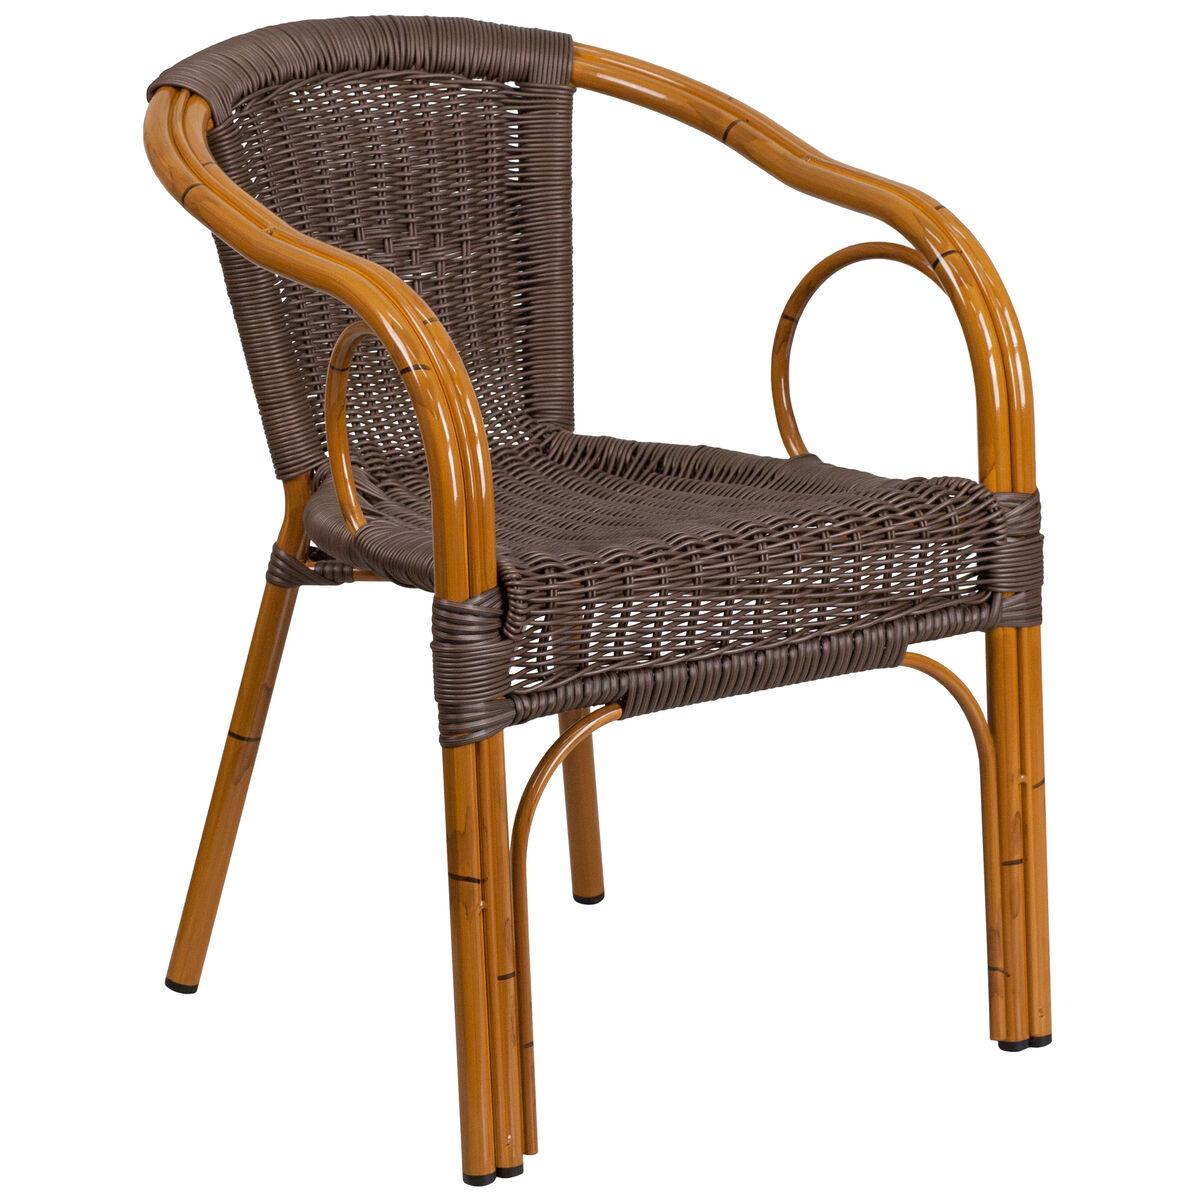 Rattan Bamboo Aluminum Chair Sda Ad632009d 2 Gg Churchchairs4less Com